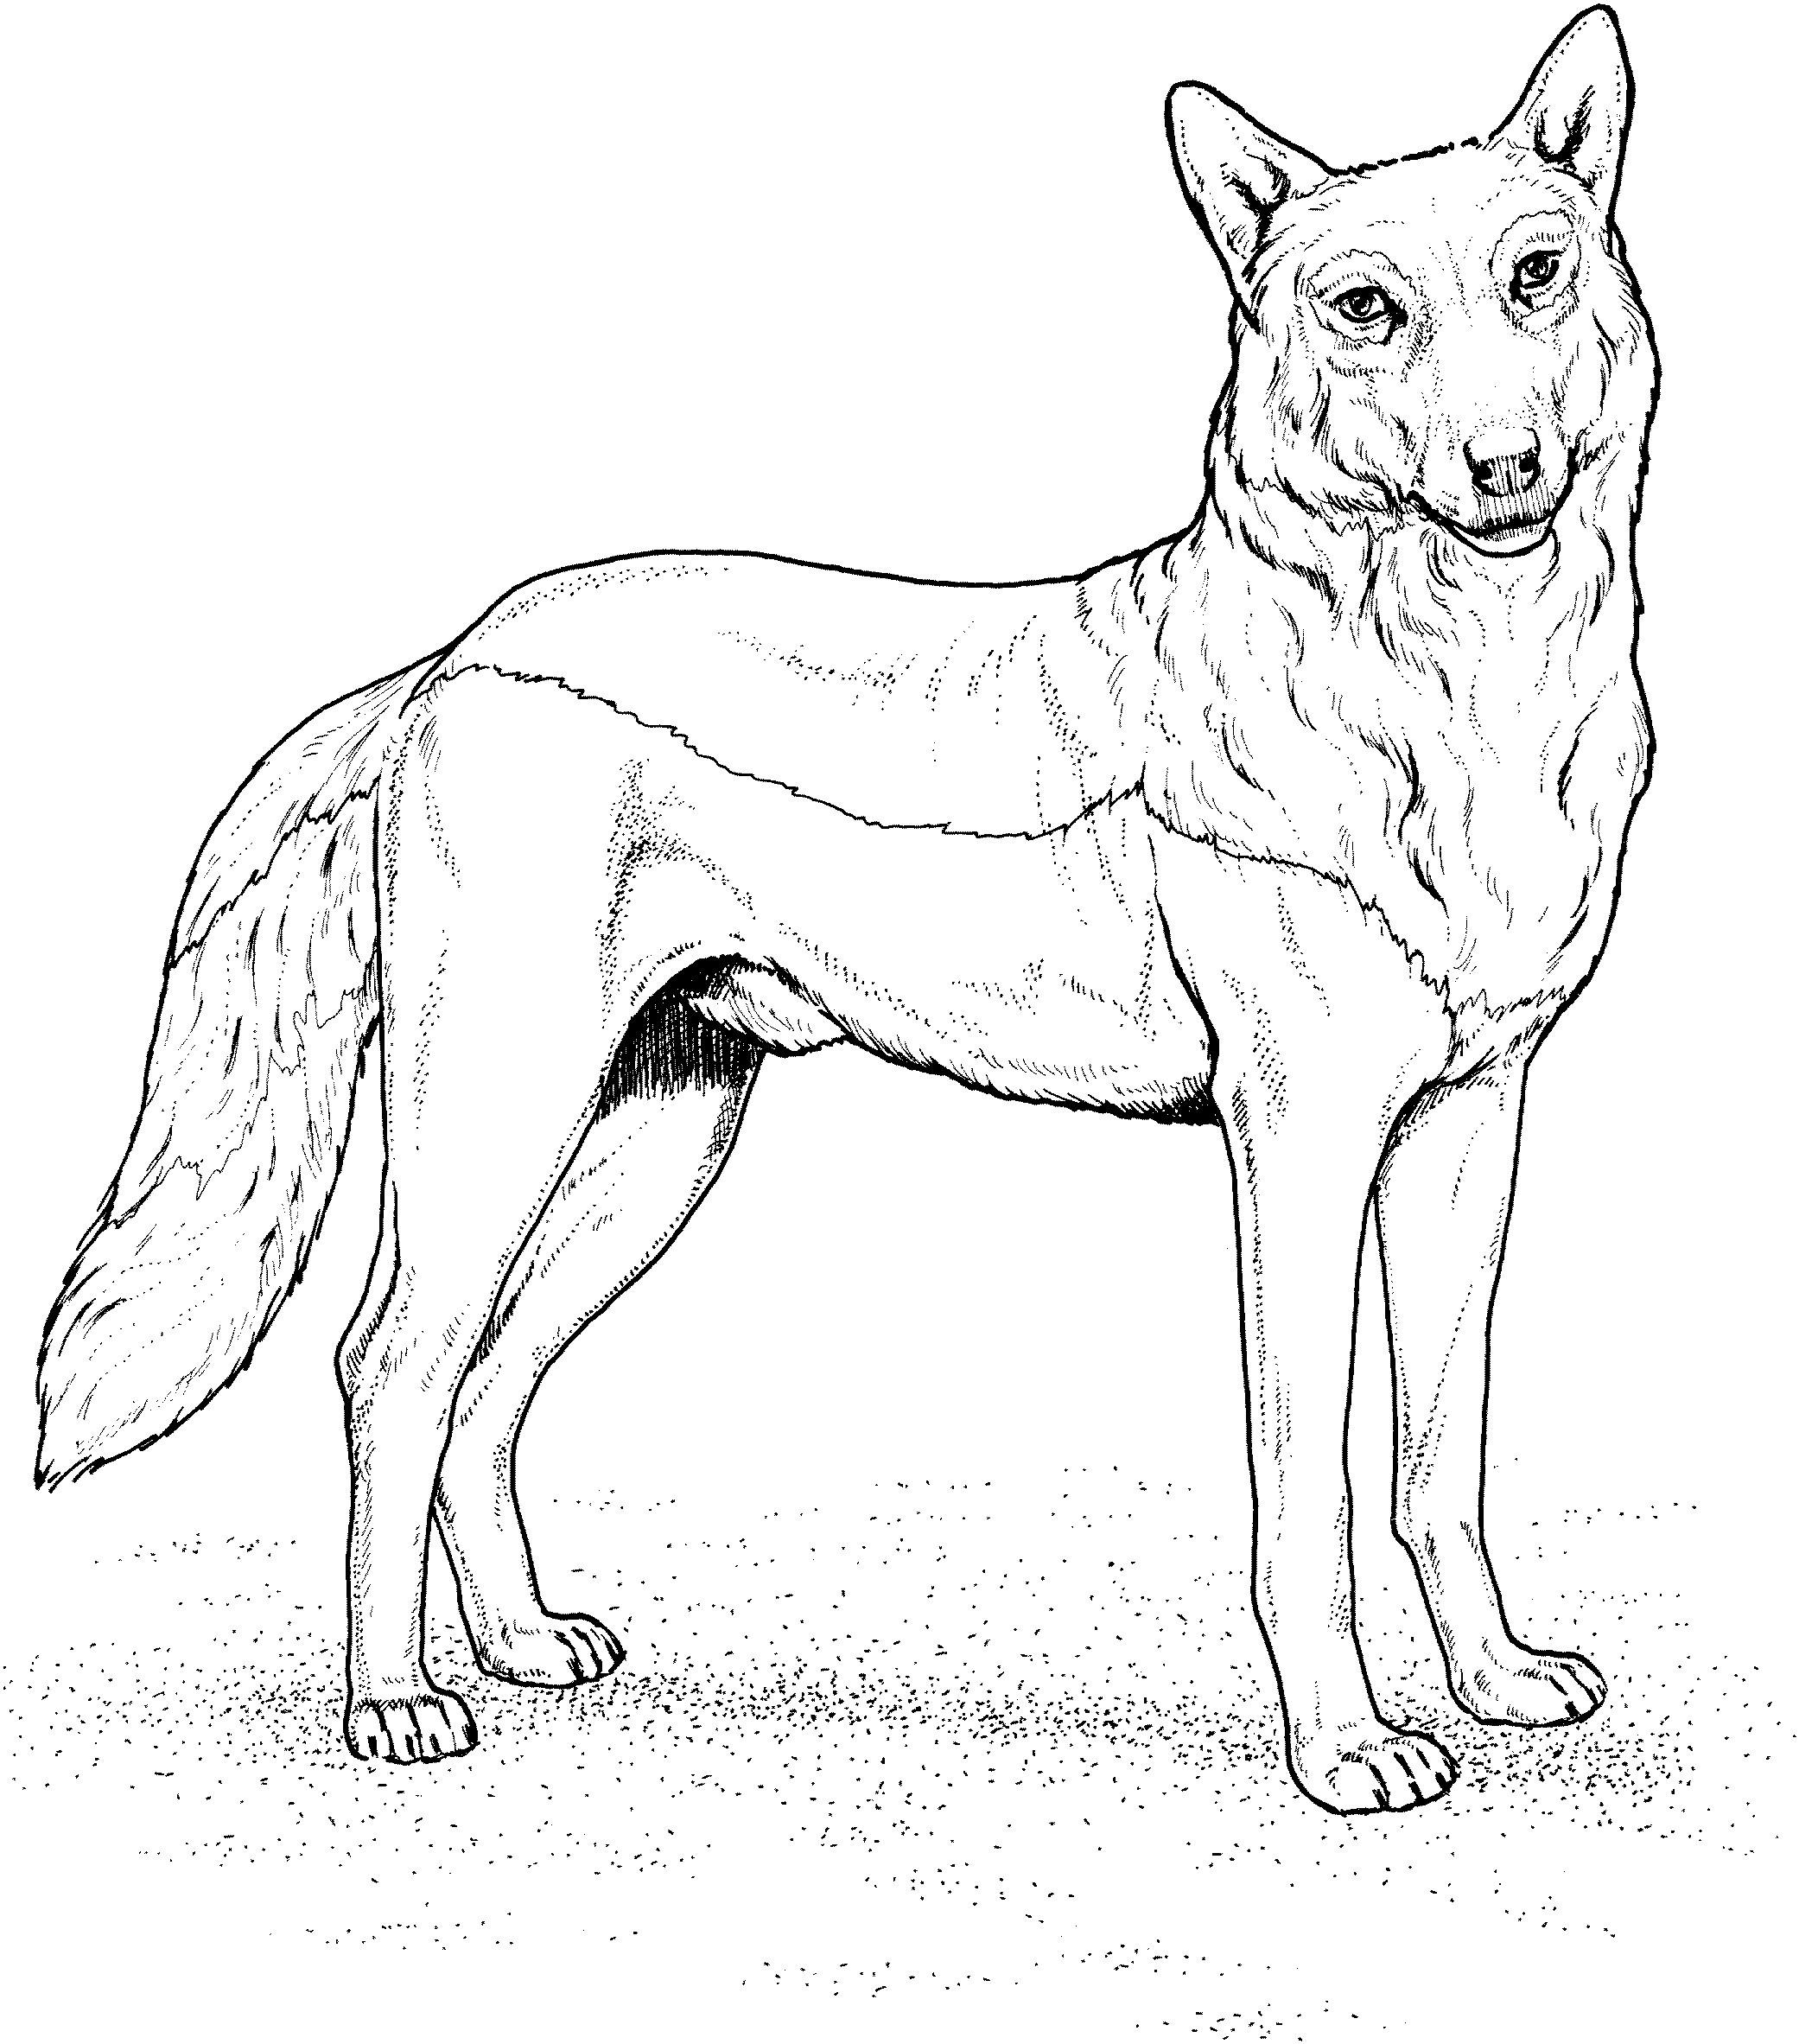 Wolf Bilder Zum Ausmalen Einzigartig Wolf Ausmalbilder Schön Wolf Malvorlagen Frisch Malvorlagen Fur Bild